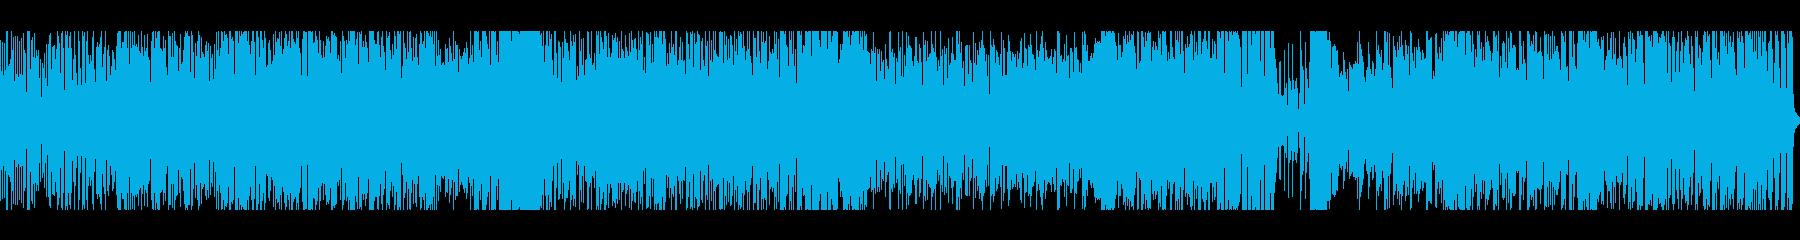 メロディアス / バトルの再生済みの波形